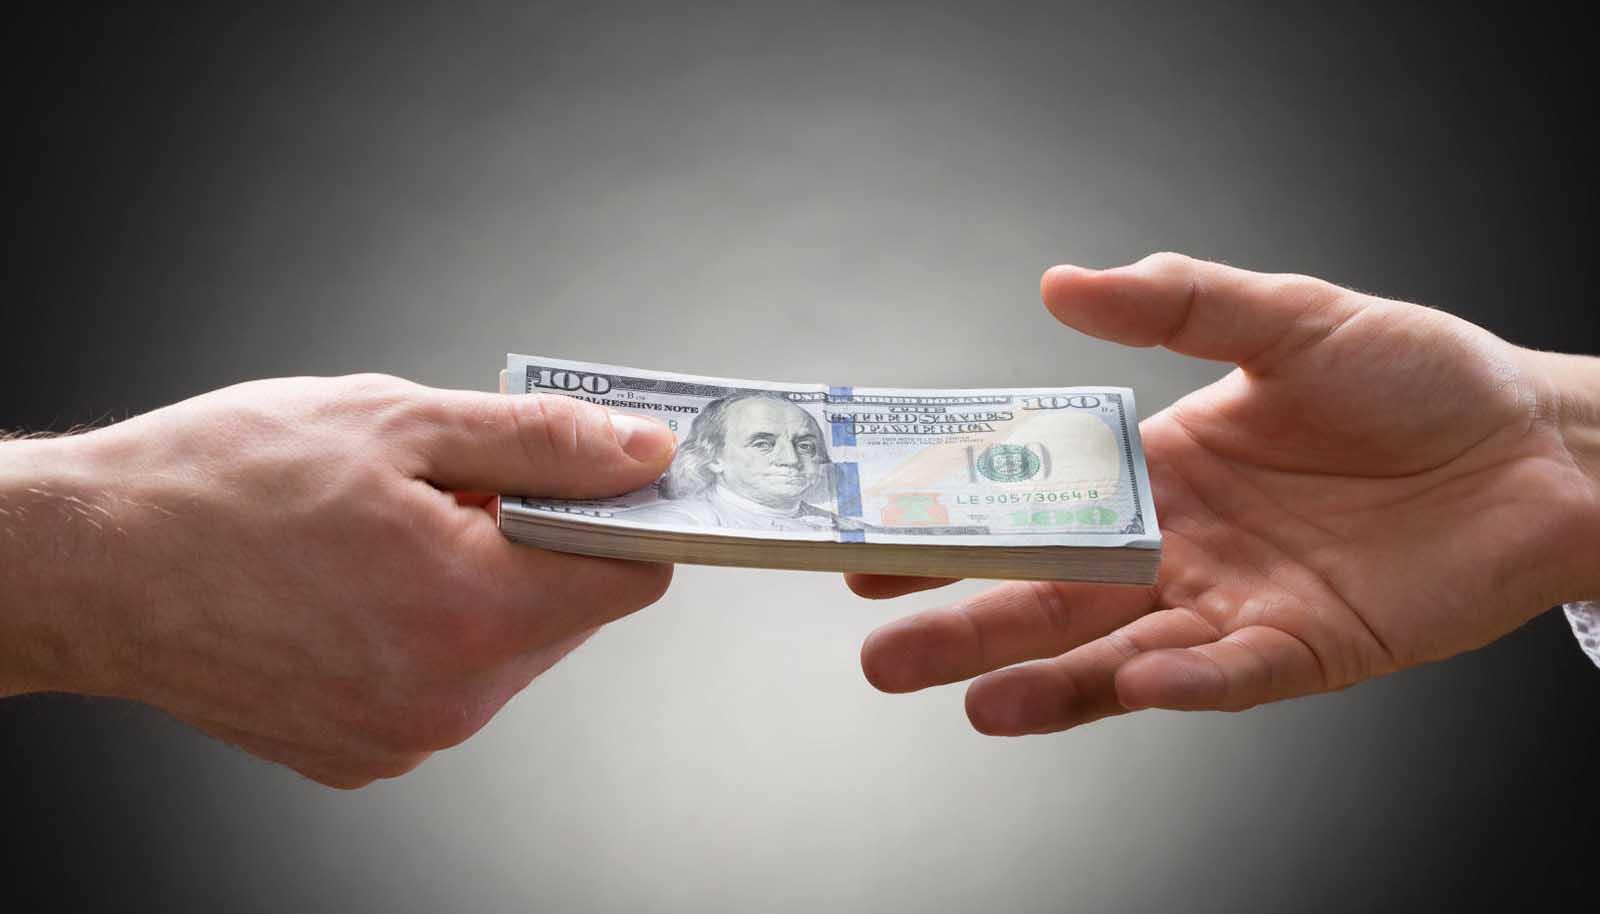 Fideiussione a prima richiesta Trevi - La soluzione migliore, rispetto a quella bancaria e a quella di istituti finanziari.